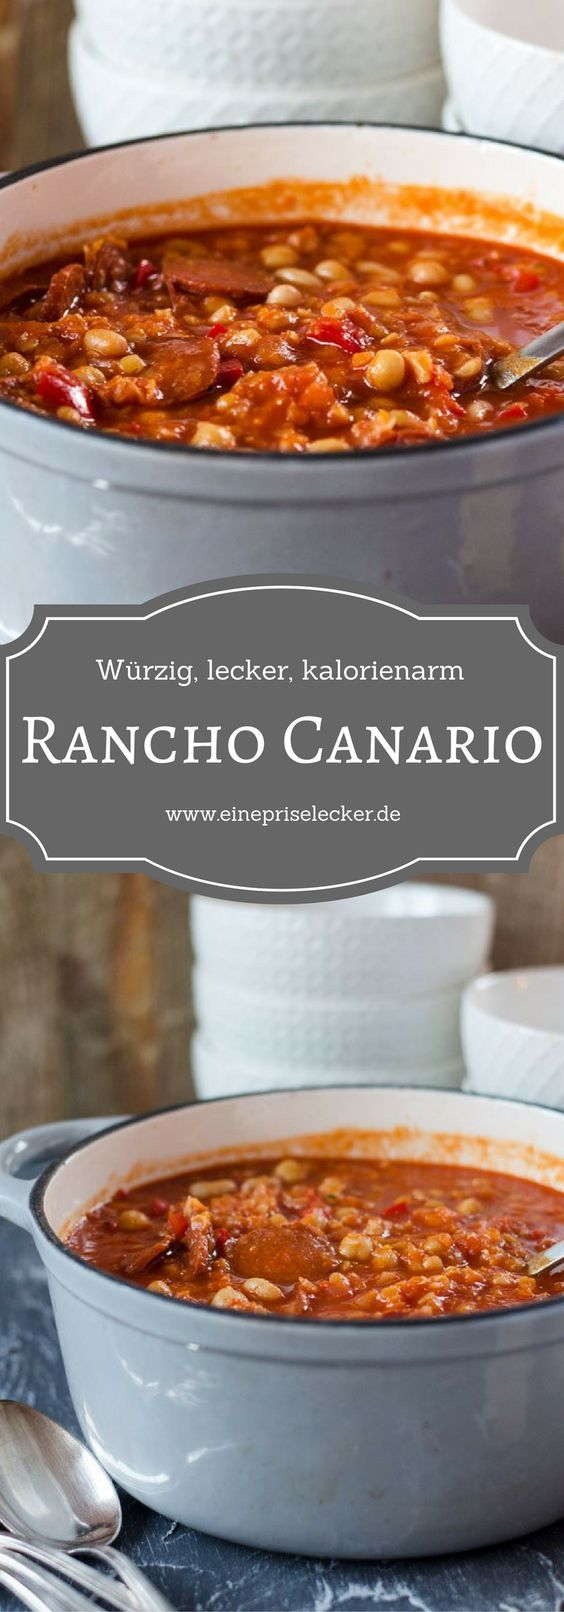 Rancho Canario - Kanarischer Eintopf, würzig, wärmend ...